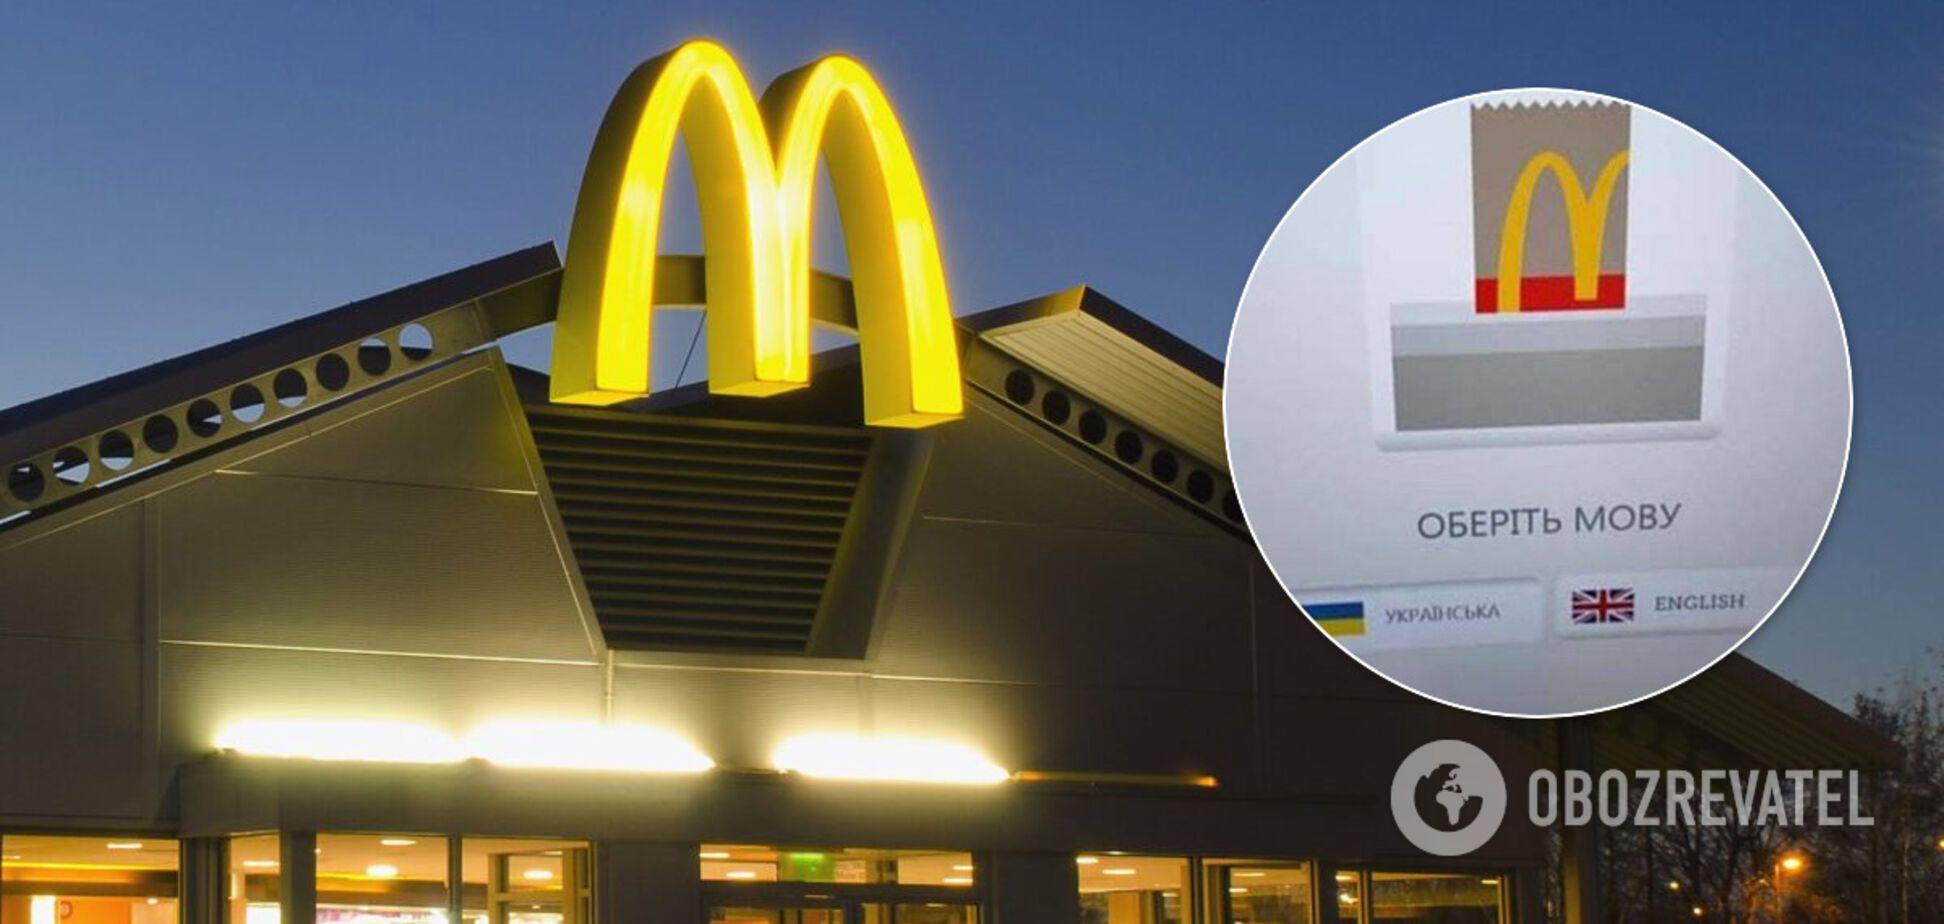 Вчіть українську або валіть у 'Дон Мак', – Давиденко про скандал із McDonald's